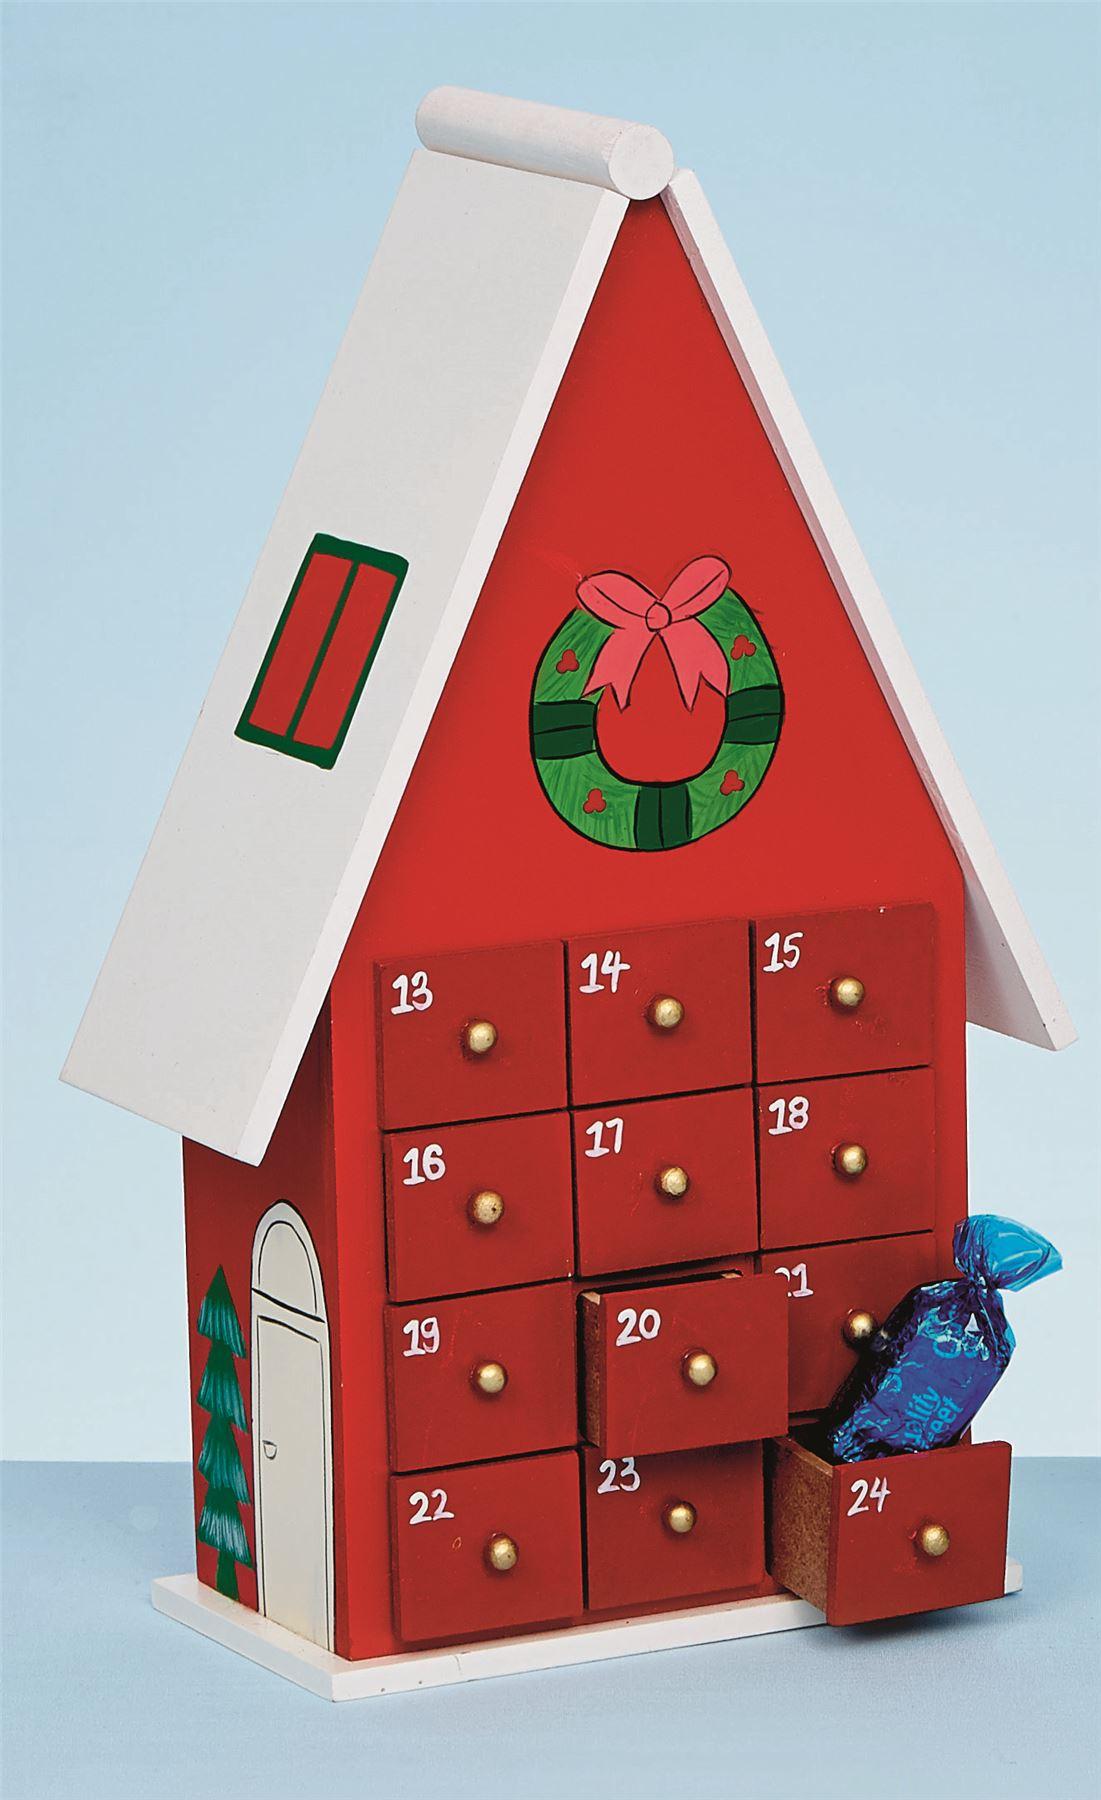 26cm-en-bois-vert-rouge-avent-maison-de-fete-Calendrier-Decoration-Noel